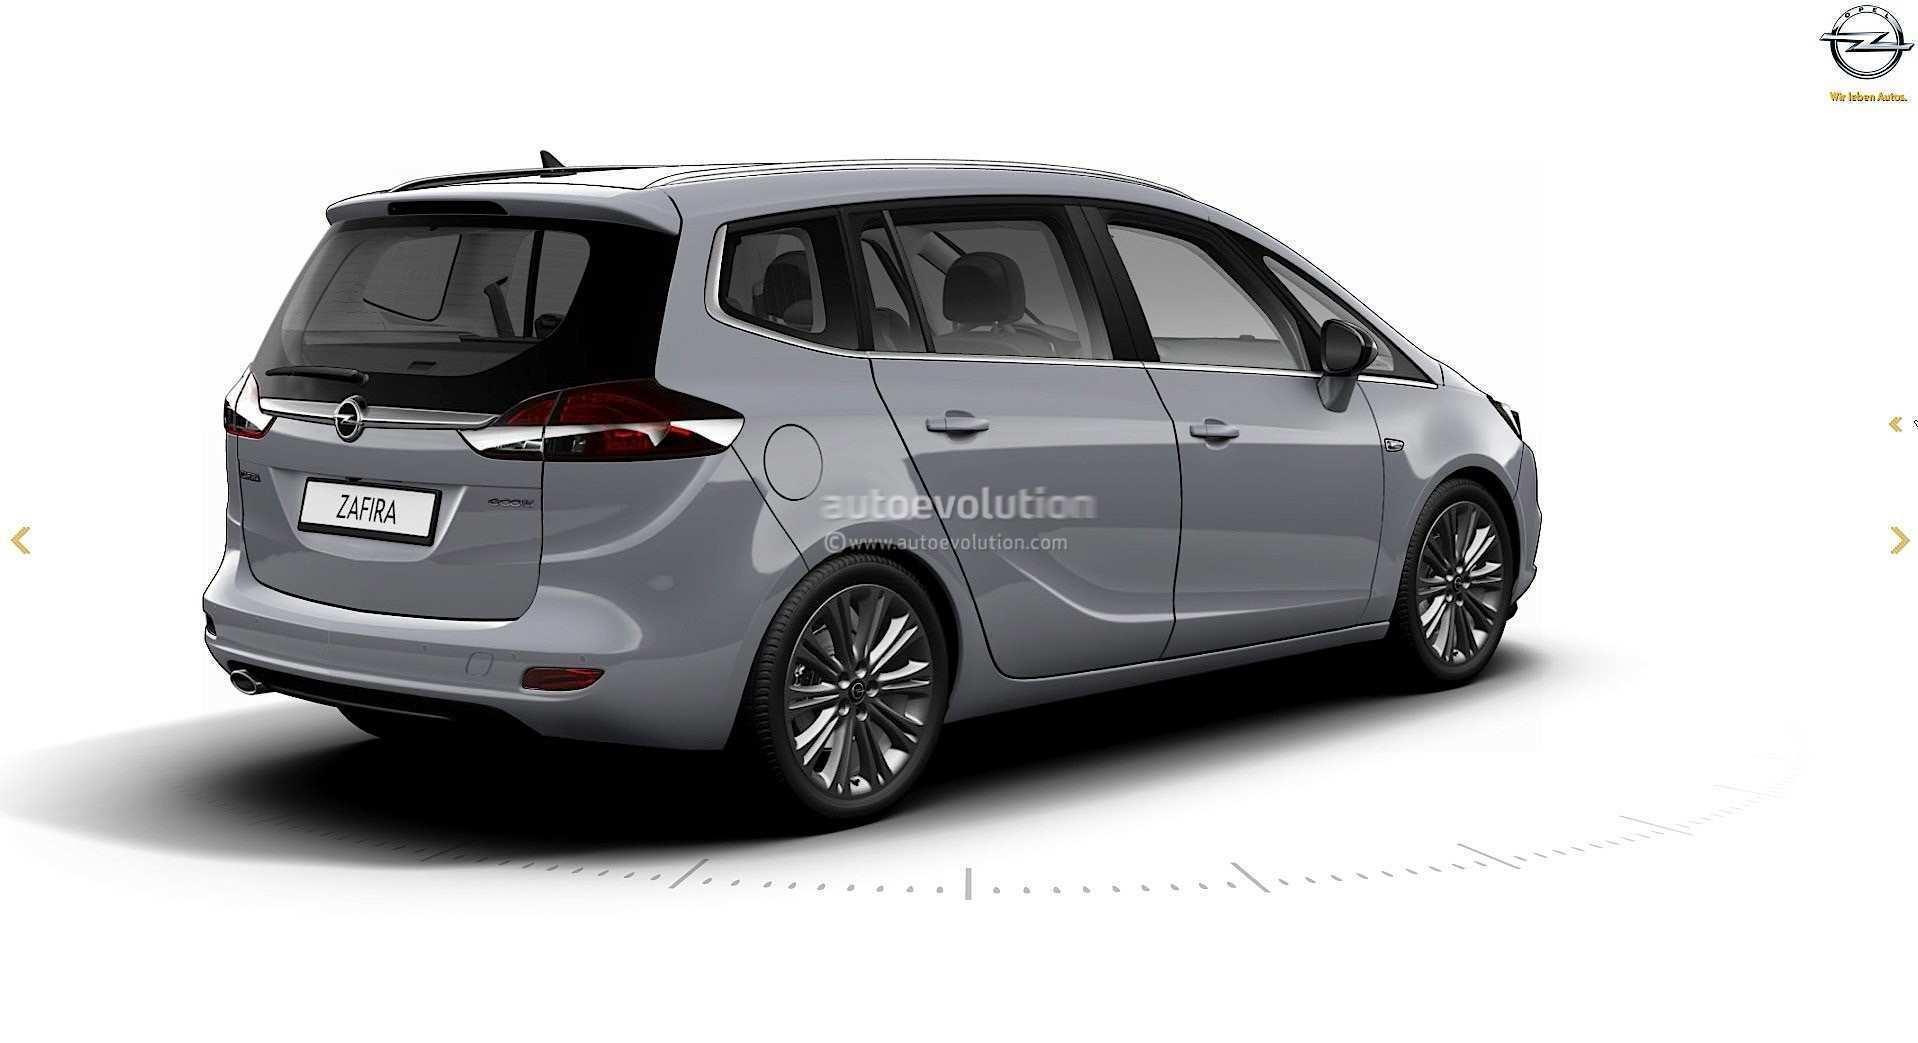 19 Concept of Futur Opel Zafira 2020 Engine with Futur Opel Zafira 2020